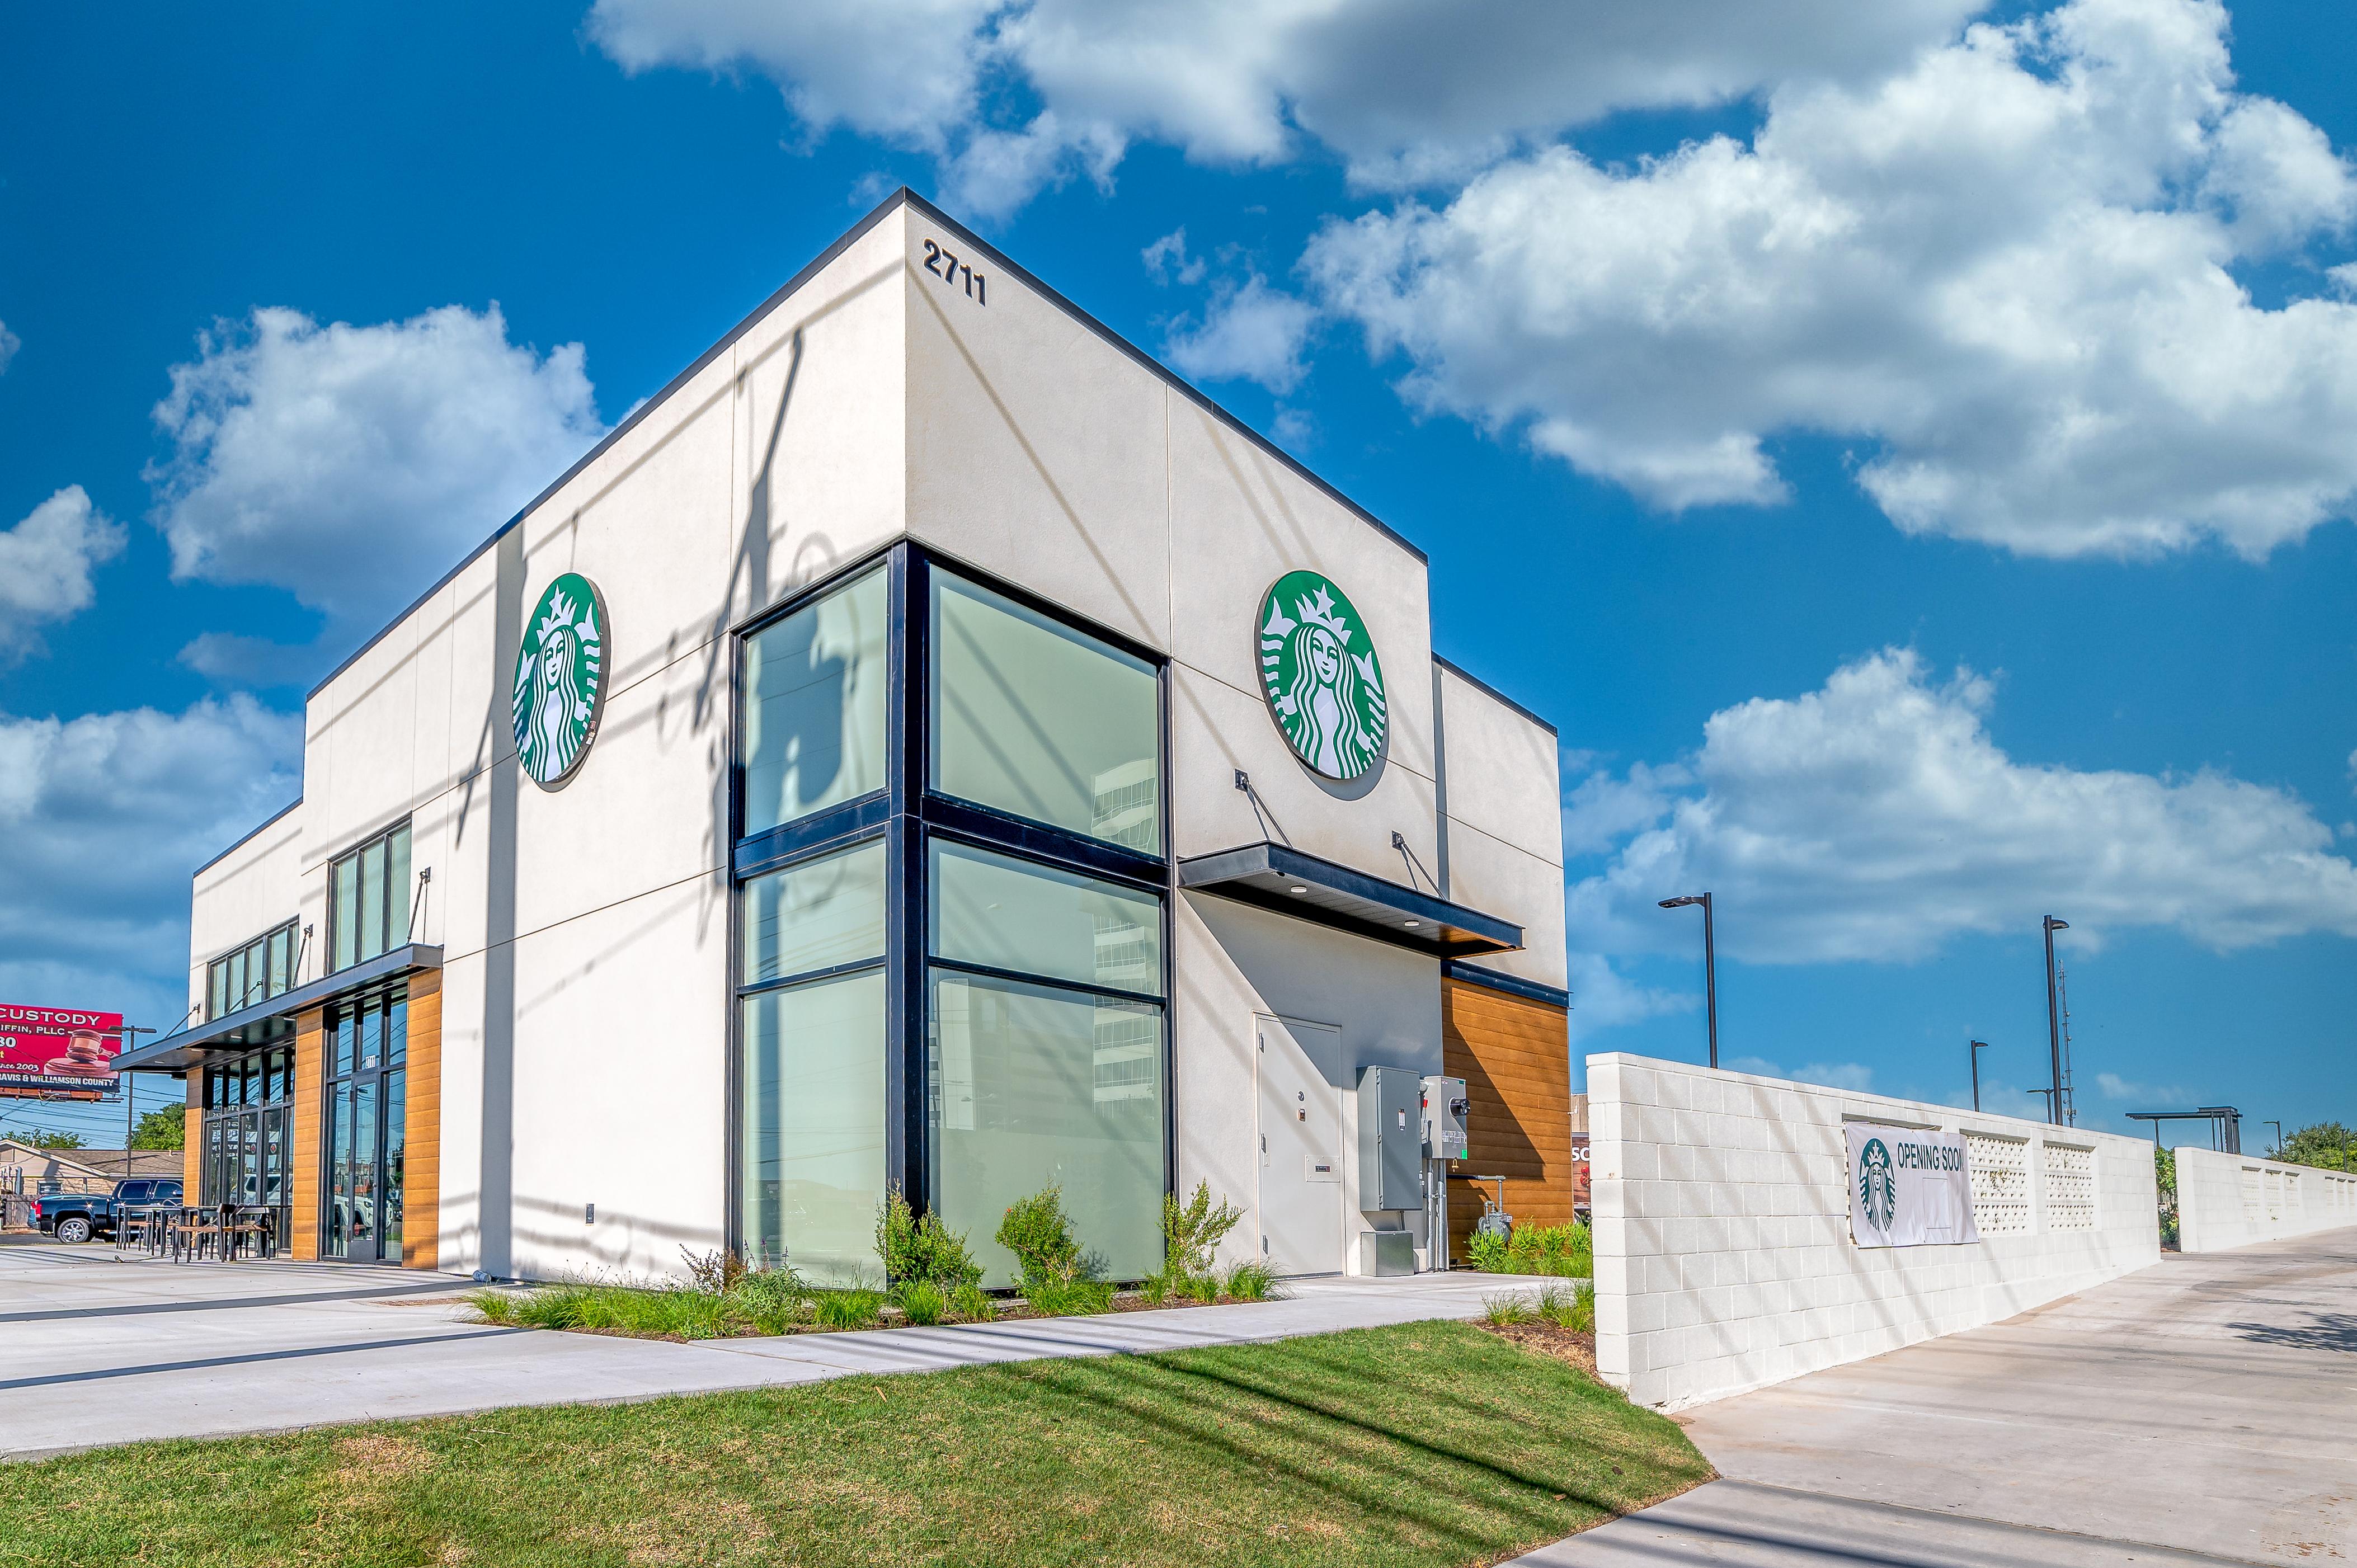 Starbuck Building